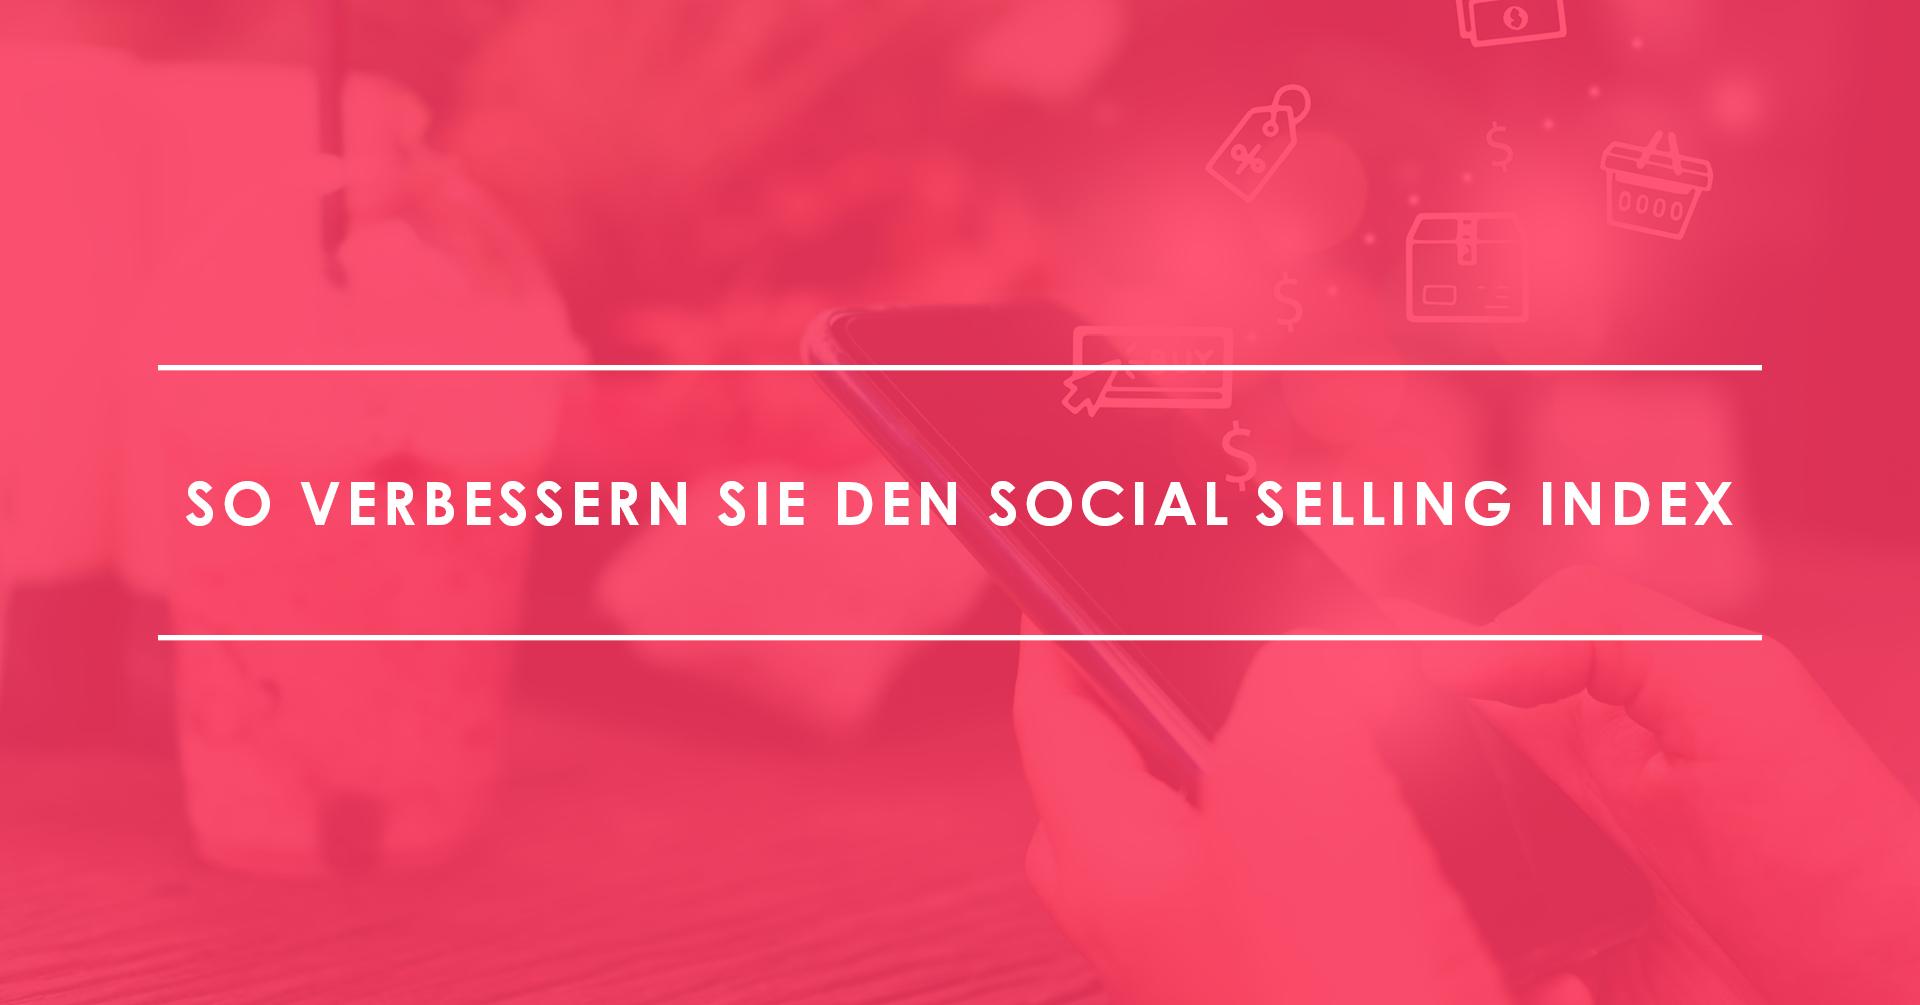 TRIALTA den Social Selling Index verbessern